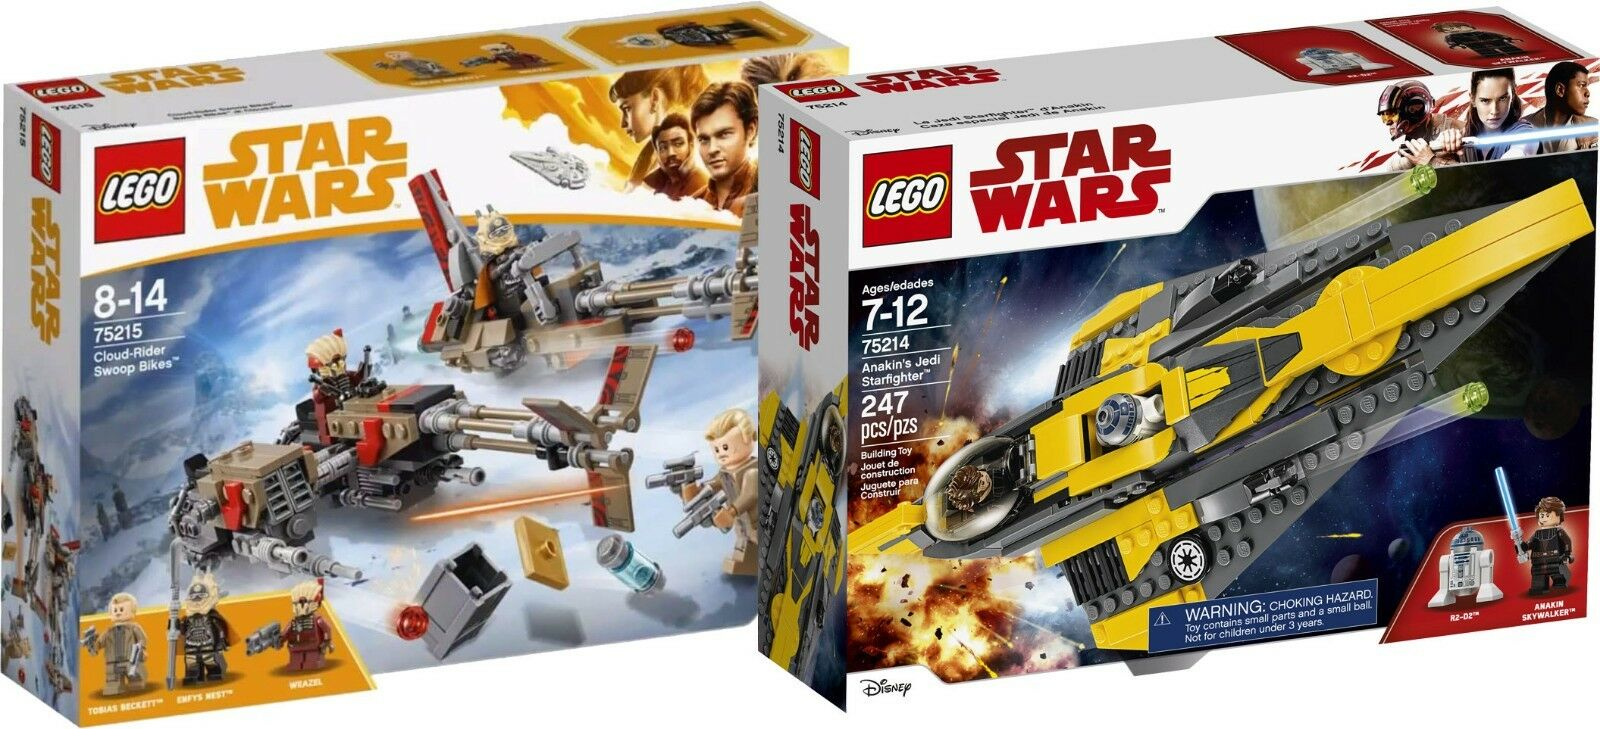 LEGO estrella guerras 75215 Cloud-Rider Swoop BIKES 75214  Anakin's Jedi n8 18  Sconto del 70% a buon mercato